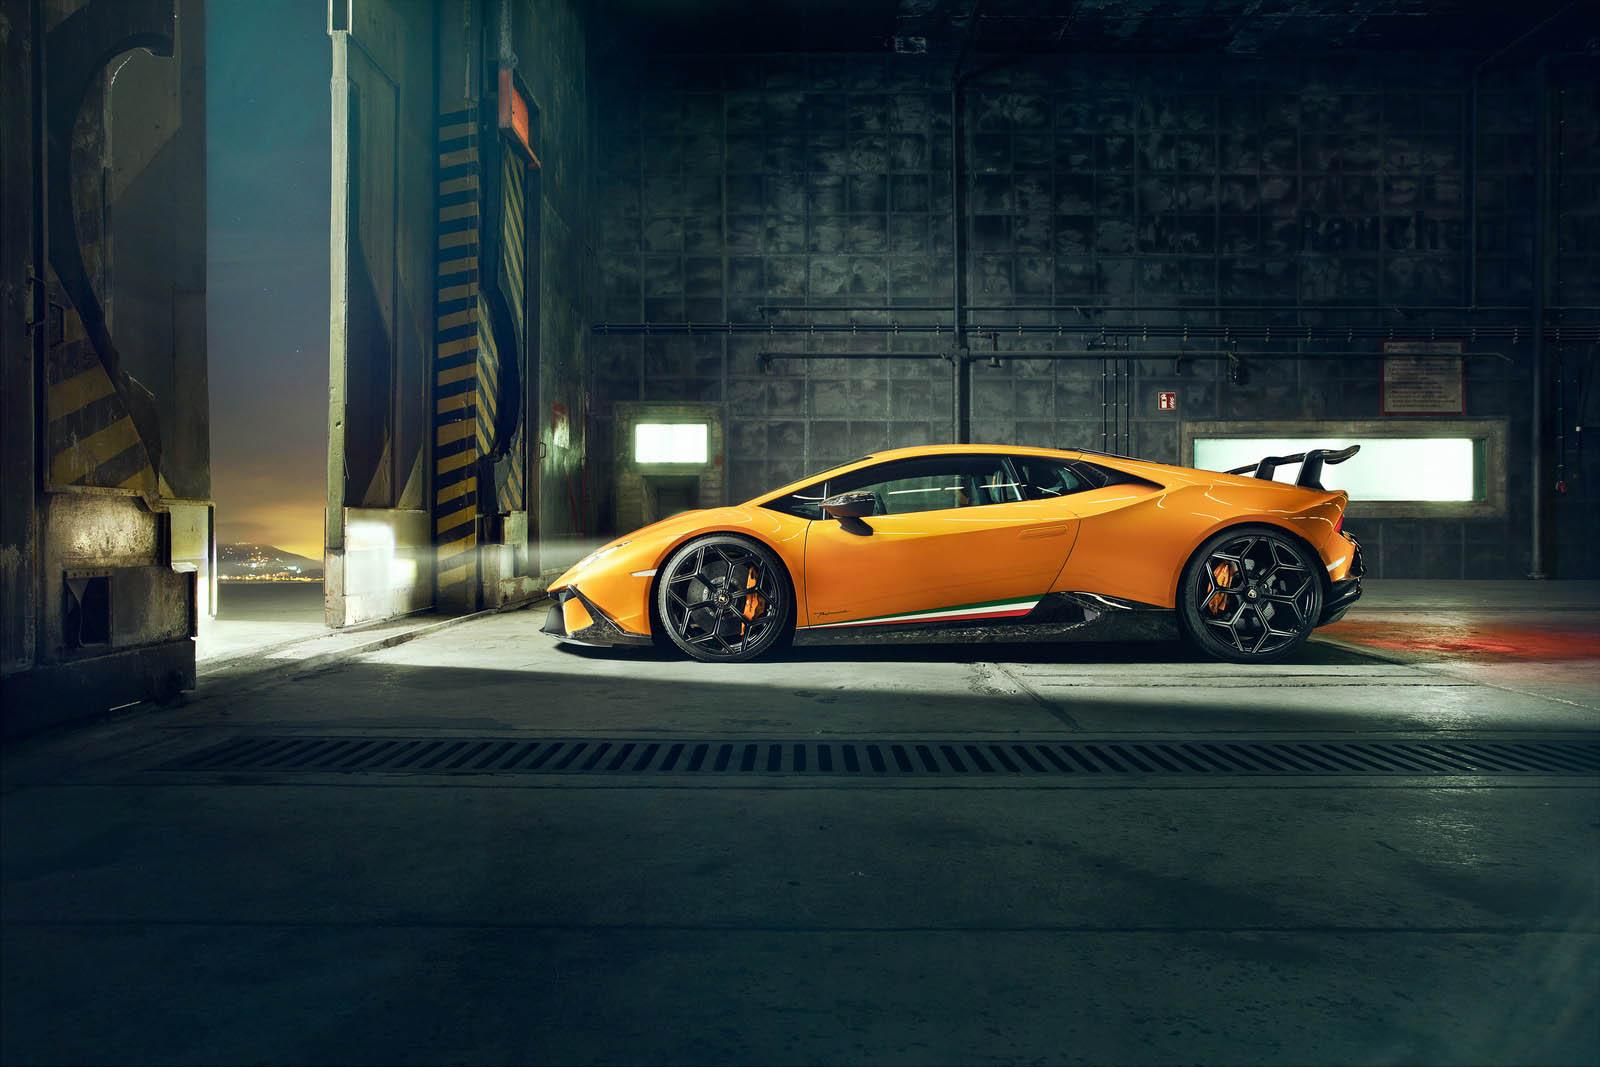 2018 NOVITEC Lamborghini Huracán Performante Side Wallpaper (12)